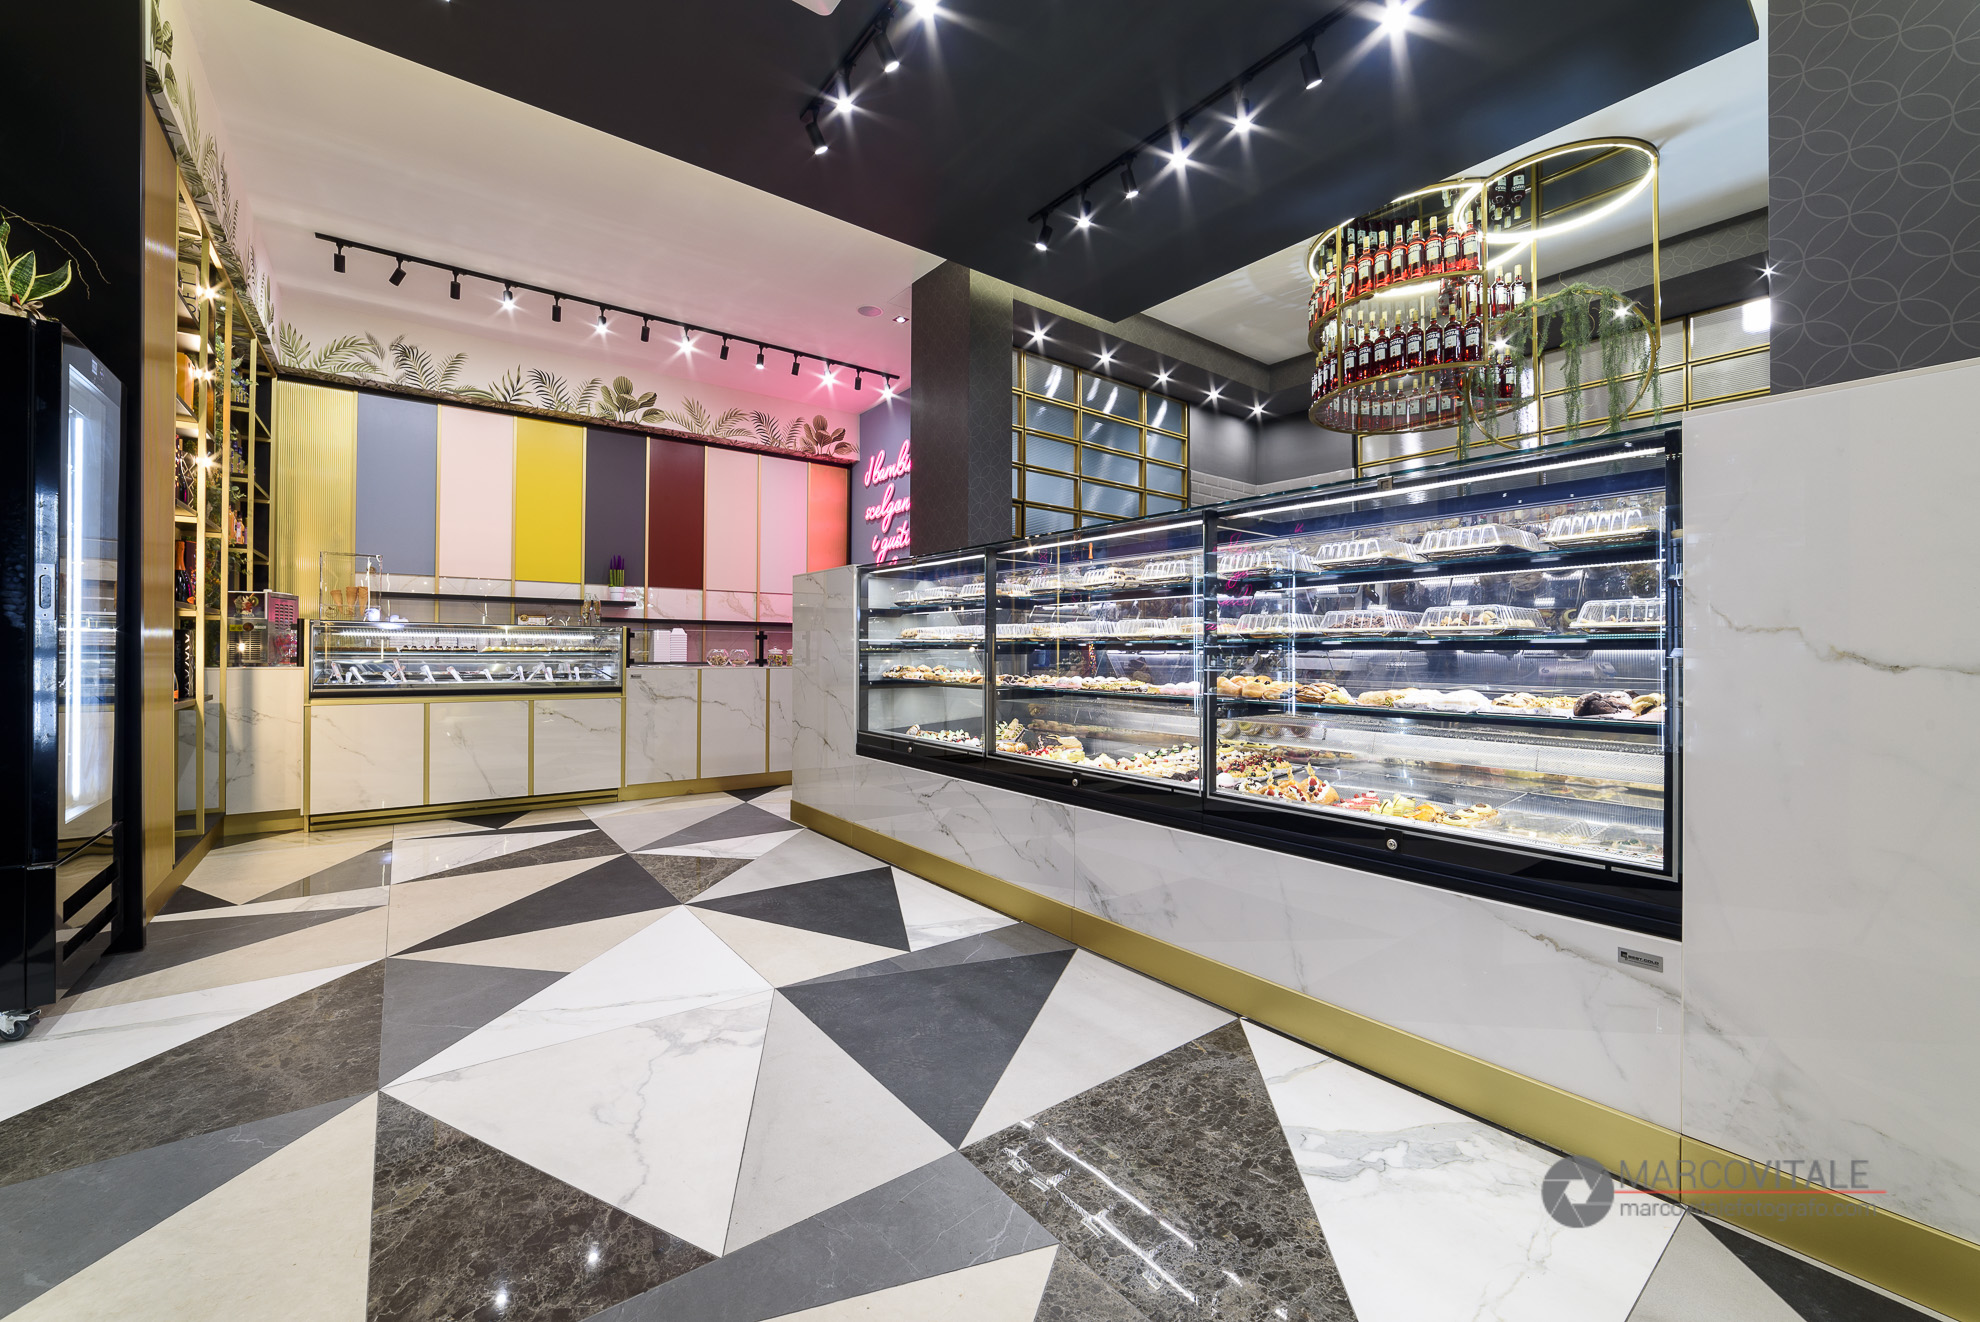 servizio fotografico per arredo negozi Napoli